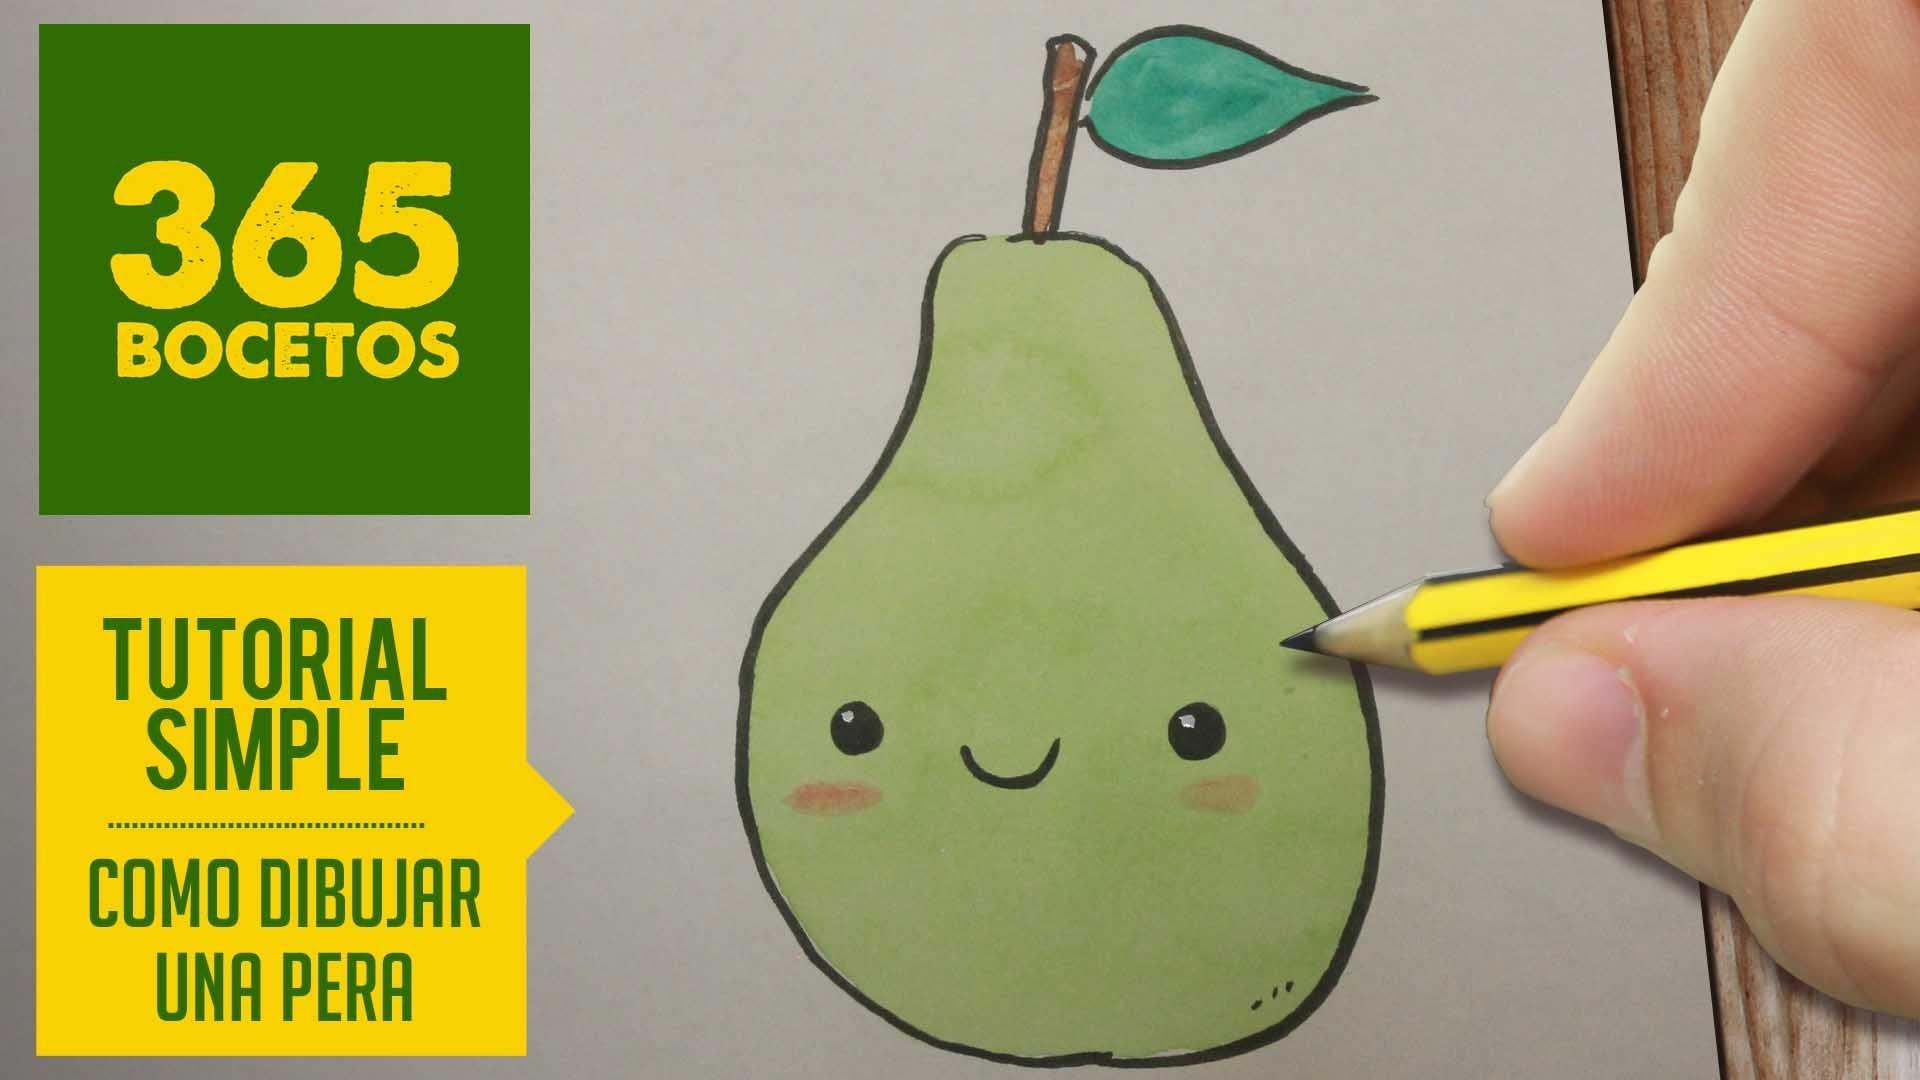 COMO DIBUJAR UNA PERA KAWAII PASO A PASO - Dibujos kawaii faciles - How to draw a pear